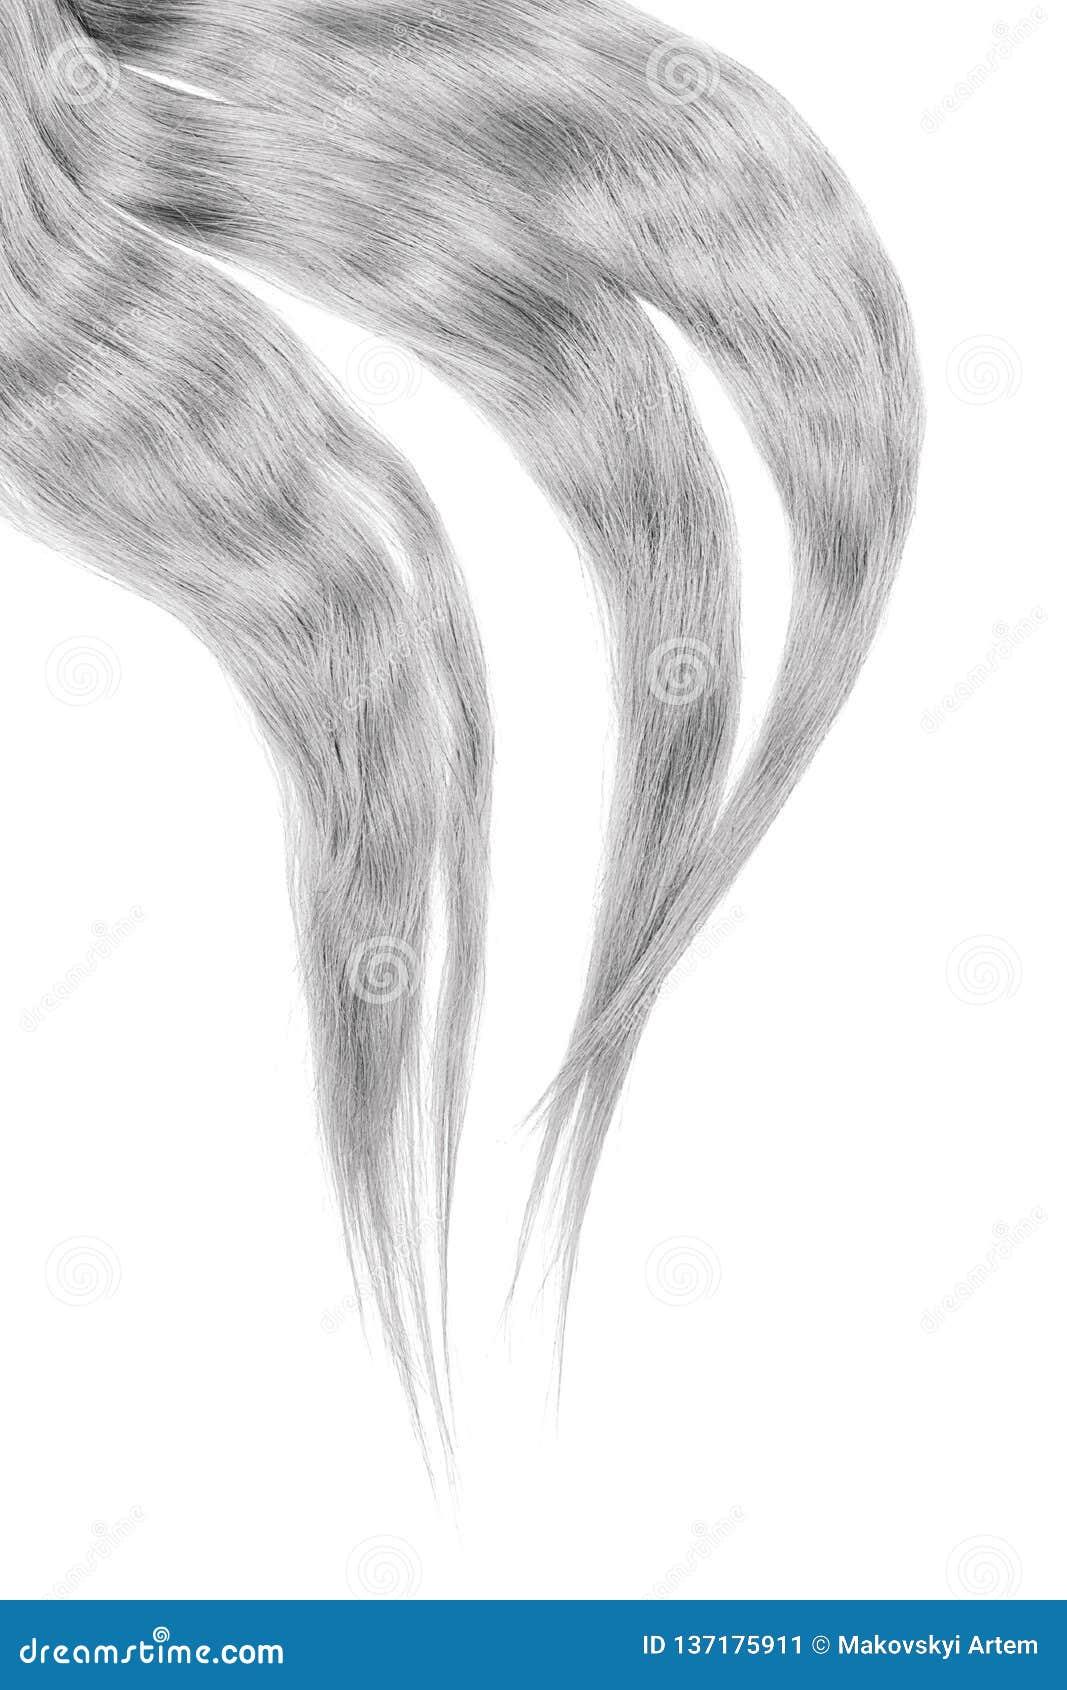 Gray hair isolated on white background. Long disheveled ponytail